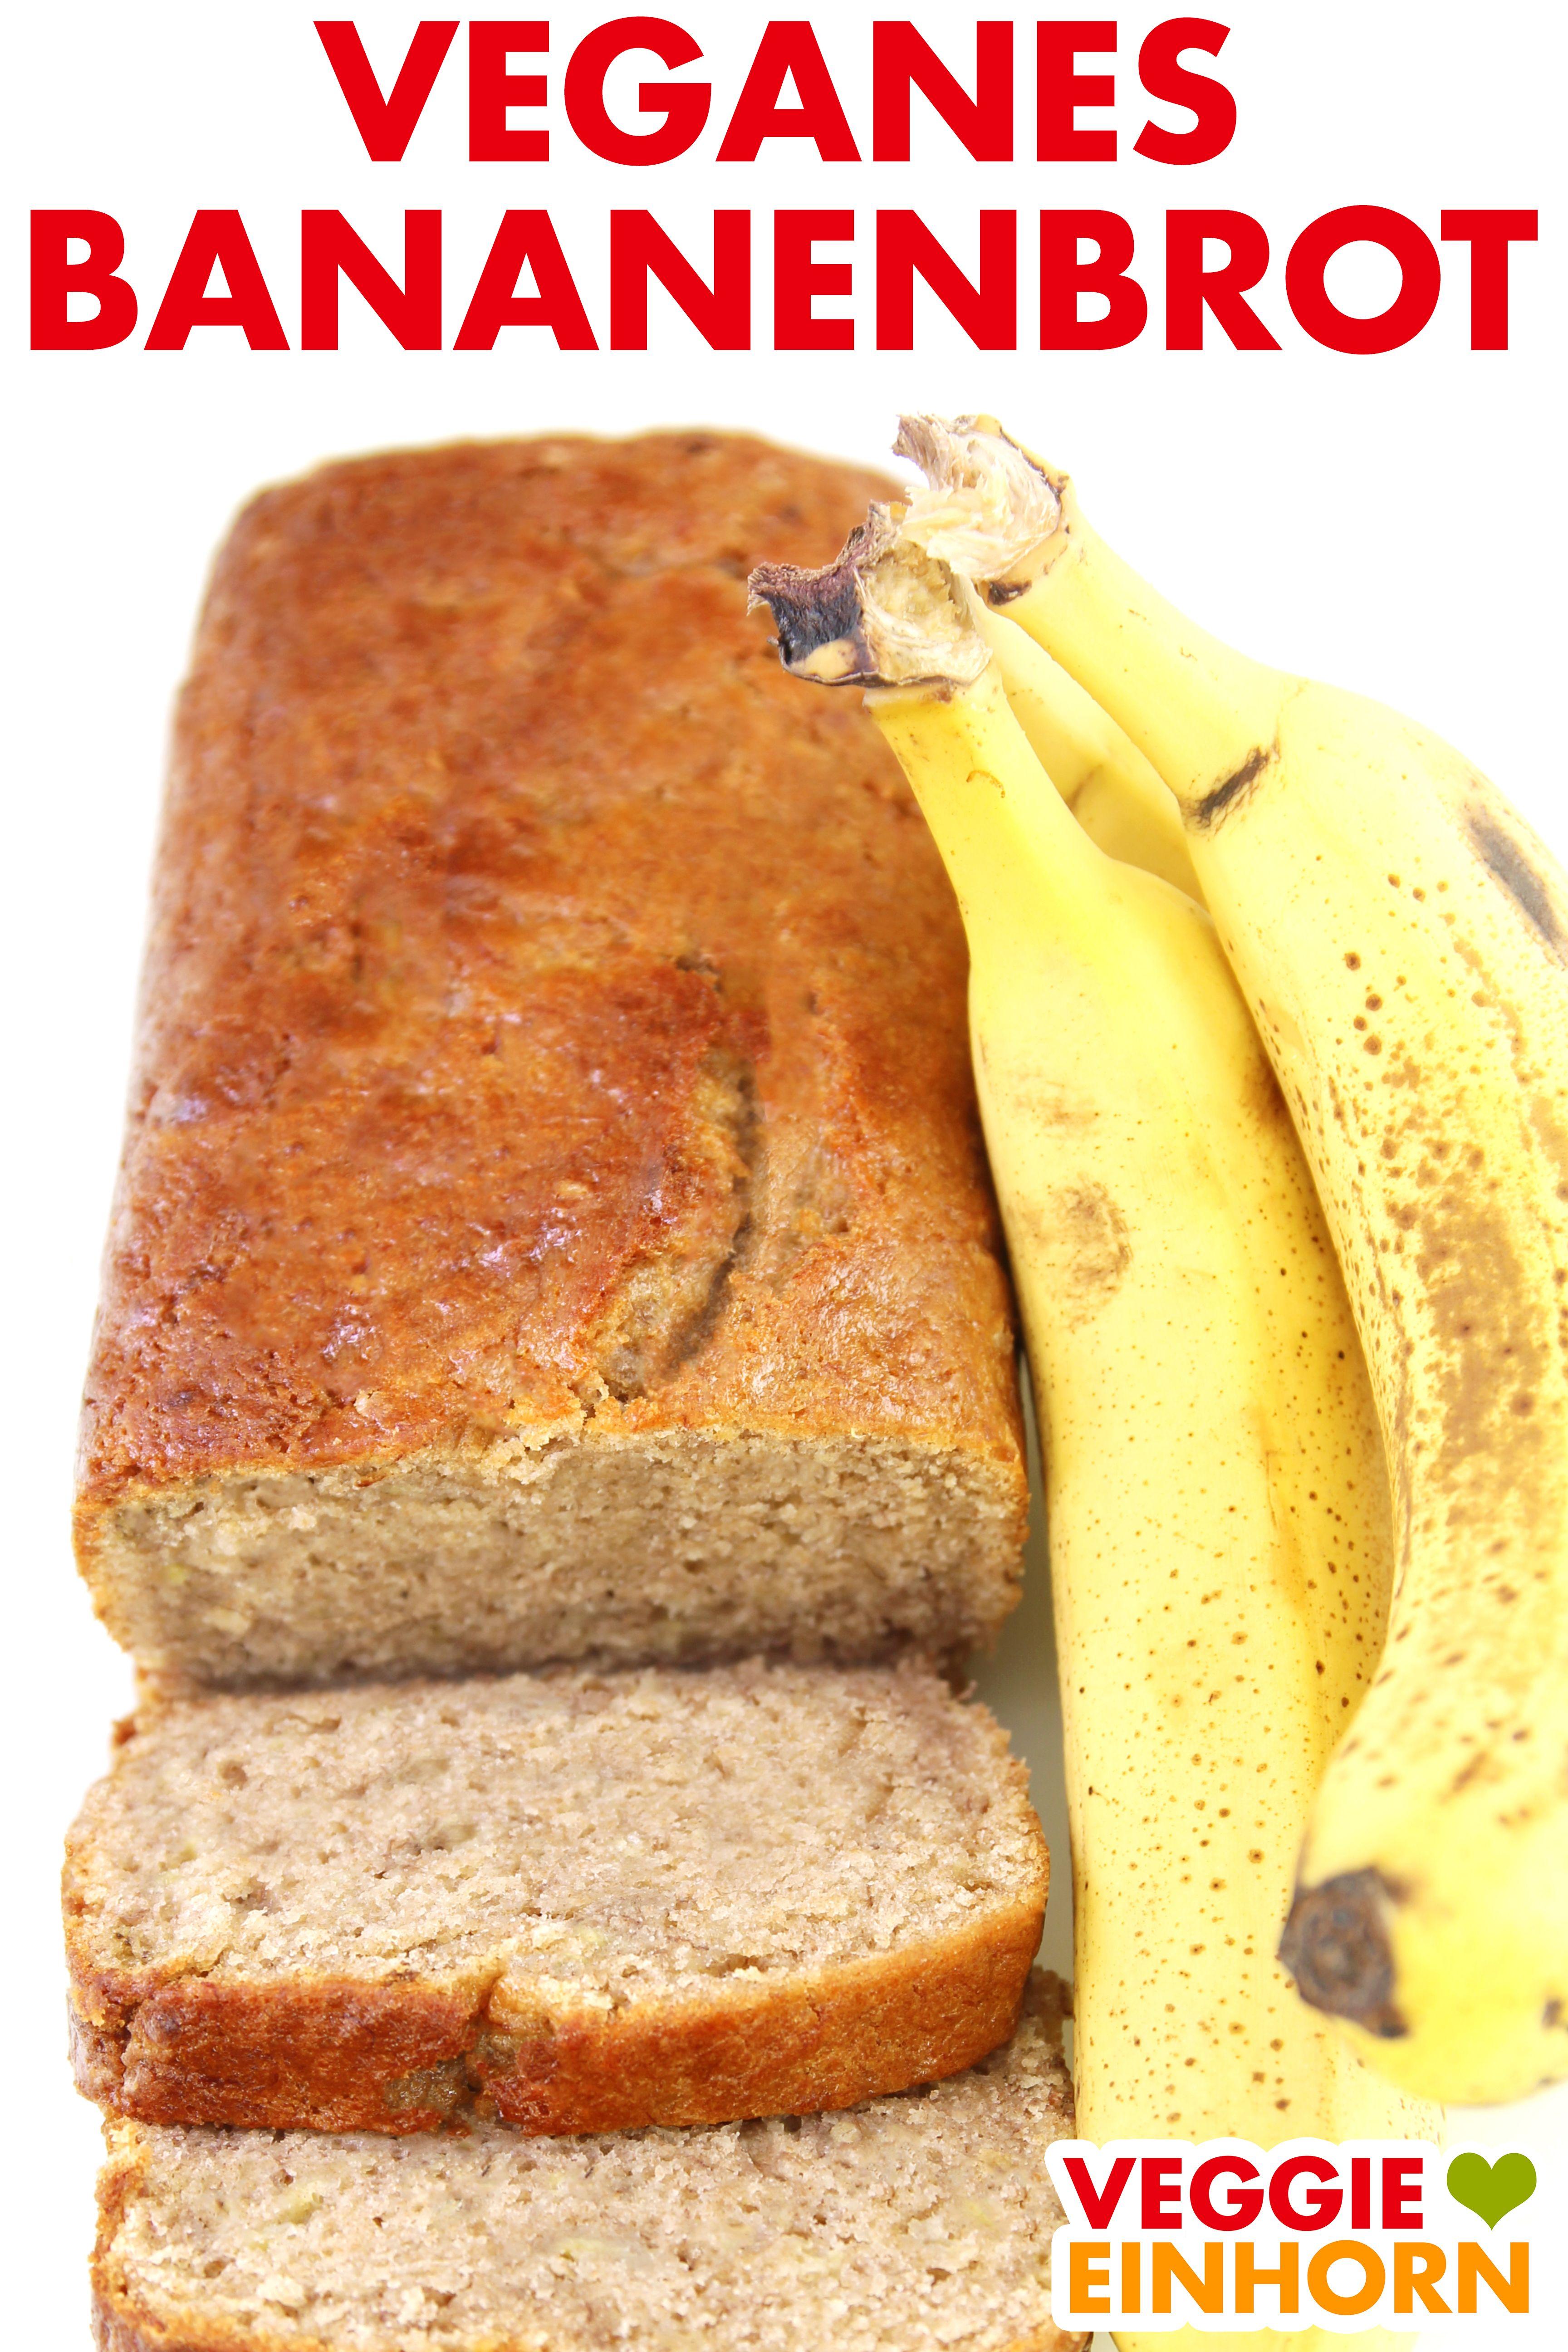 Veganes Bananenbrot | Einfaches Rezept ohne Ei und Milch